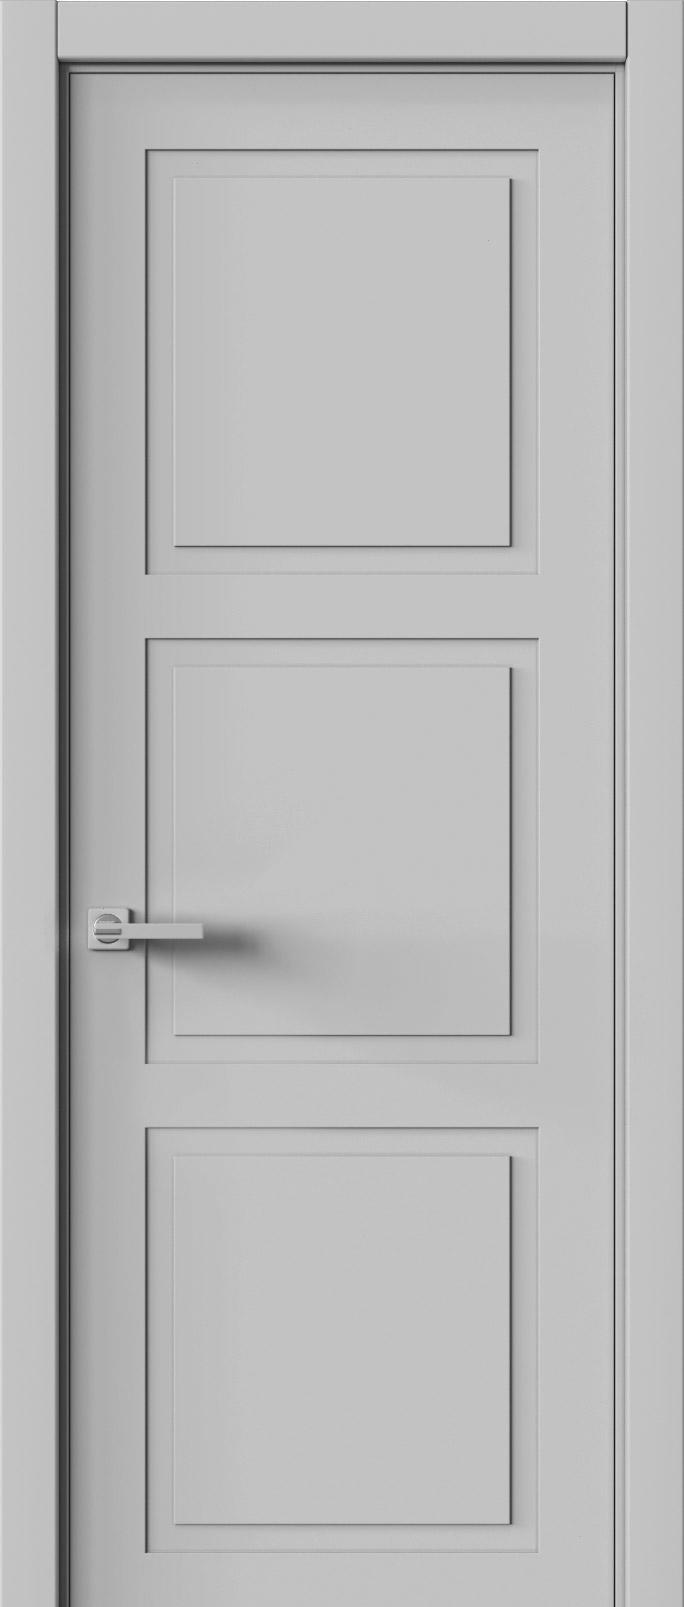 Tivoli Л-5 цвет - Серая эмаль (RAL 7047) Без стекла (ДГ)